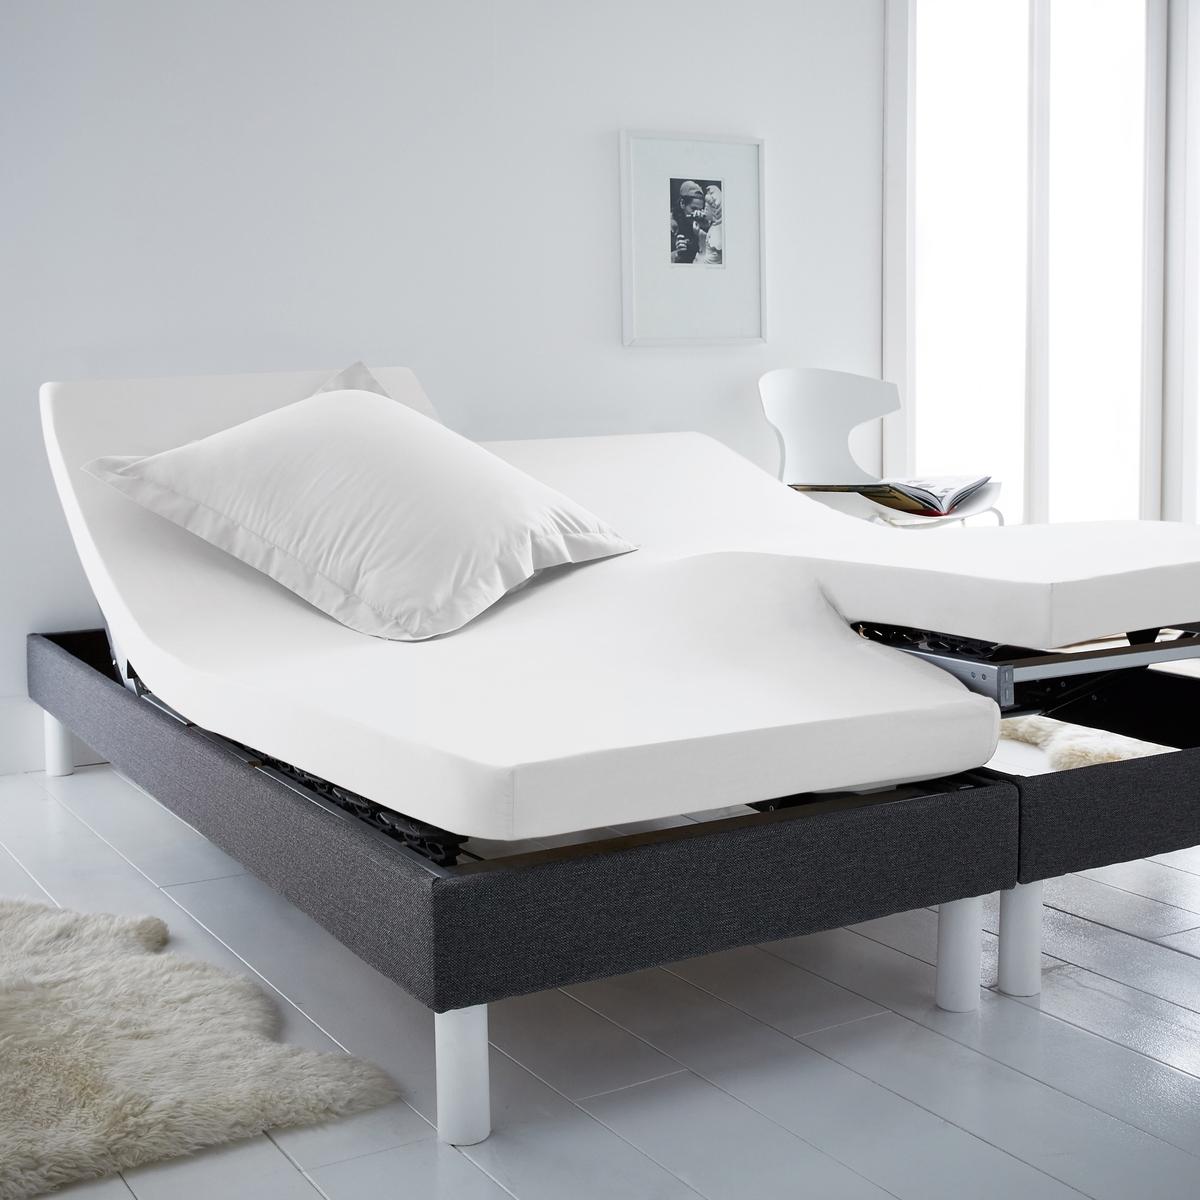 Простыня натяжная для раздельных матрасовНатяжная простыня для 2-спальной кровати с матрасами с независимыми частями для головы и ног. Для общего комфорта натяжная простыня соединяется в центре без швов. Характеристики натяжной простыни из хлопка для раздельных матрасов :100% хлопок, очень мягкий и комфортный, плотное переплетение нитей, 57 нитей/см? : чем больше количество нитей/см?, тем выше качество.Клапан 25 см (для матрасов шириной до 23 см).Отличная стойкость цвета при стирке при 60 °С.Созданная для матрасов с возможностью поднимания частей для головы и ног, эта натяжная простыня Sc?nario из хлопка отличается оригинальной гаммой очень модных цветов.                                                 Откройте для себя всю коллекцию постельного белья на сайте laredoute.ru.                                                                                                                                                                  Знак Oeko-Tex® гарантирует, что товары протестированы и сертифицированы, не содержат вредных веществ, которые могли бы нанести вред здоровью.                                                                                                                                                                                                                                            Размеры: ??140 x 190 см : 2-спальн.?160 x 200 см: 2-спальн.180 x 200 см: ?2-спальн.<br><br>Цвет: антрацит,белый,бледный сине-зеленый,бордовый,голубой бирюзовый,желтый солнечный,зелено-синий,изумрудный,коралловый,розовый,светло-бежевый,серо-коричневый каштан,Серо-синий,серый жемчужный,сине-зеленый,синий королевский,смородиновый<br>Размер: 140 x 190  см